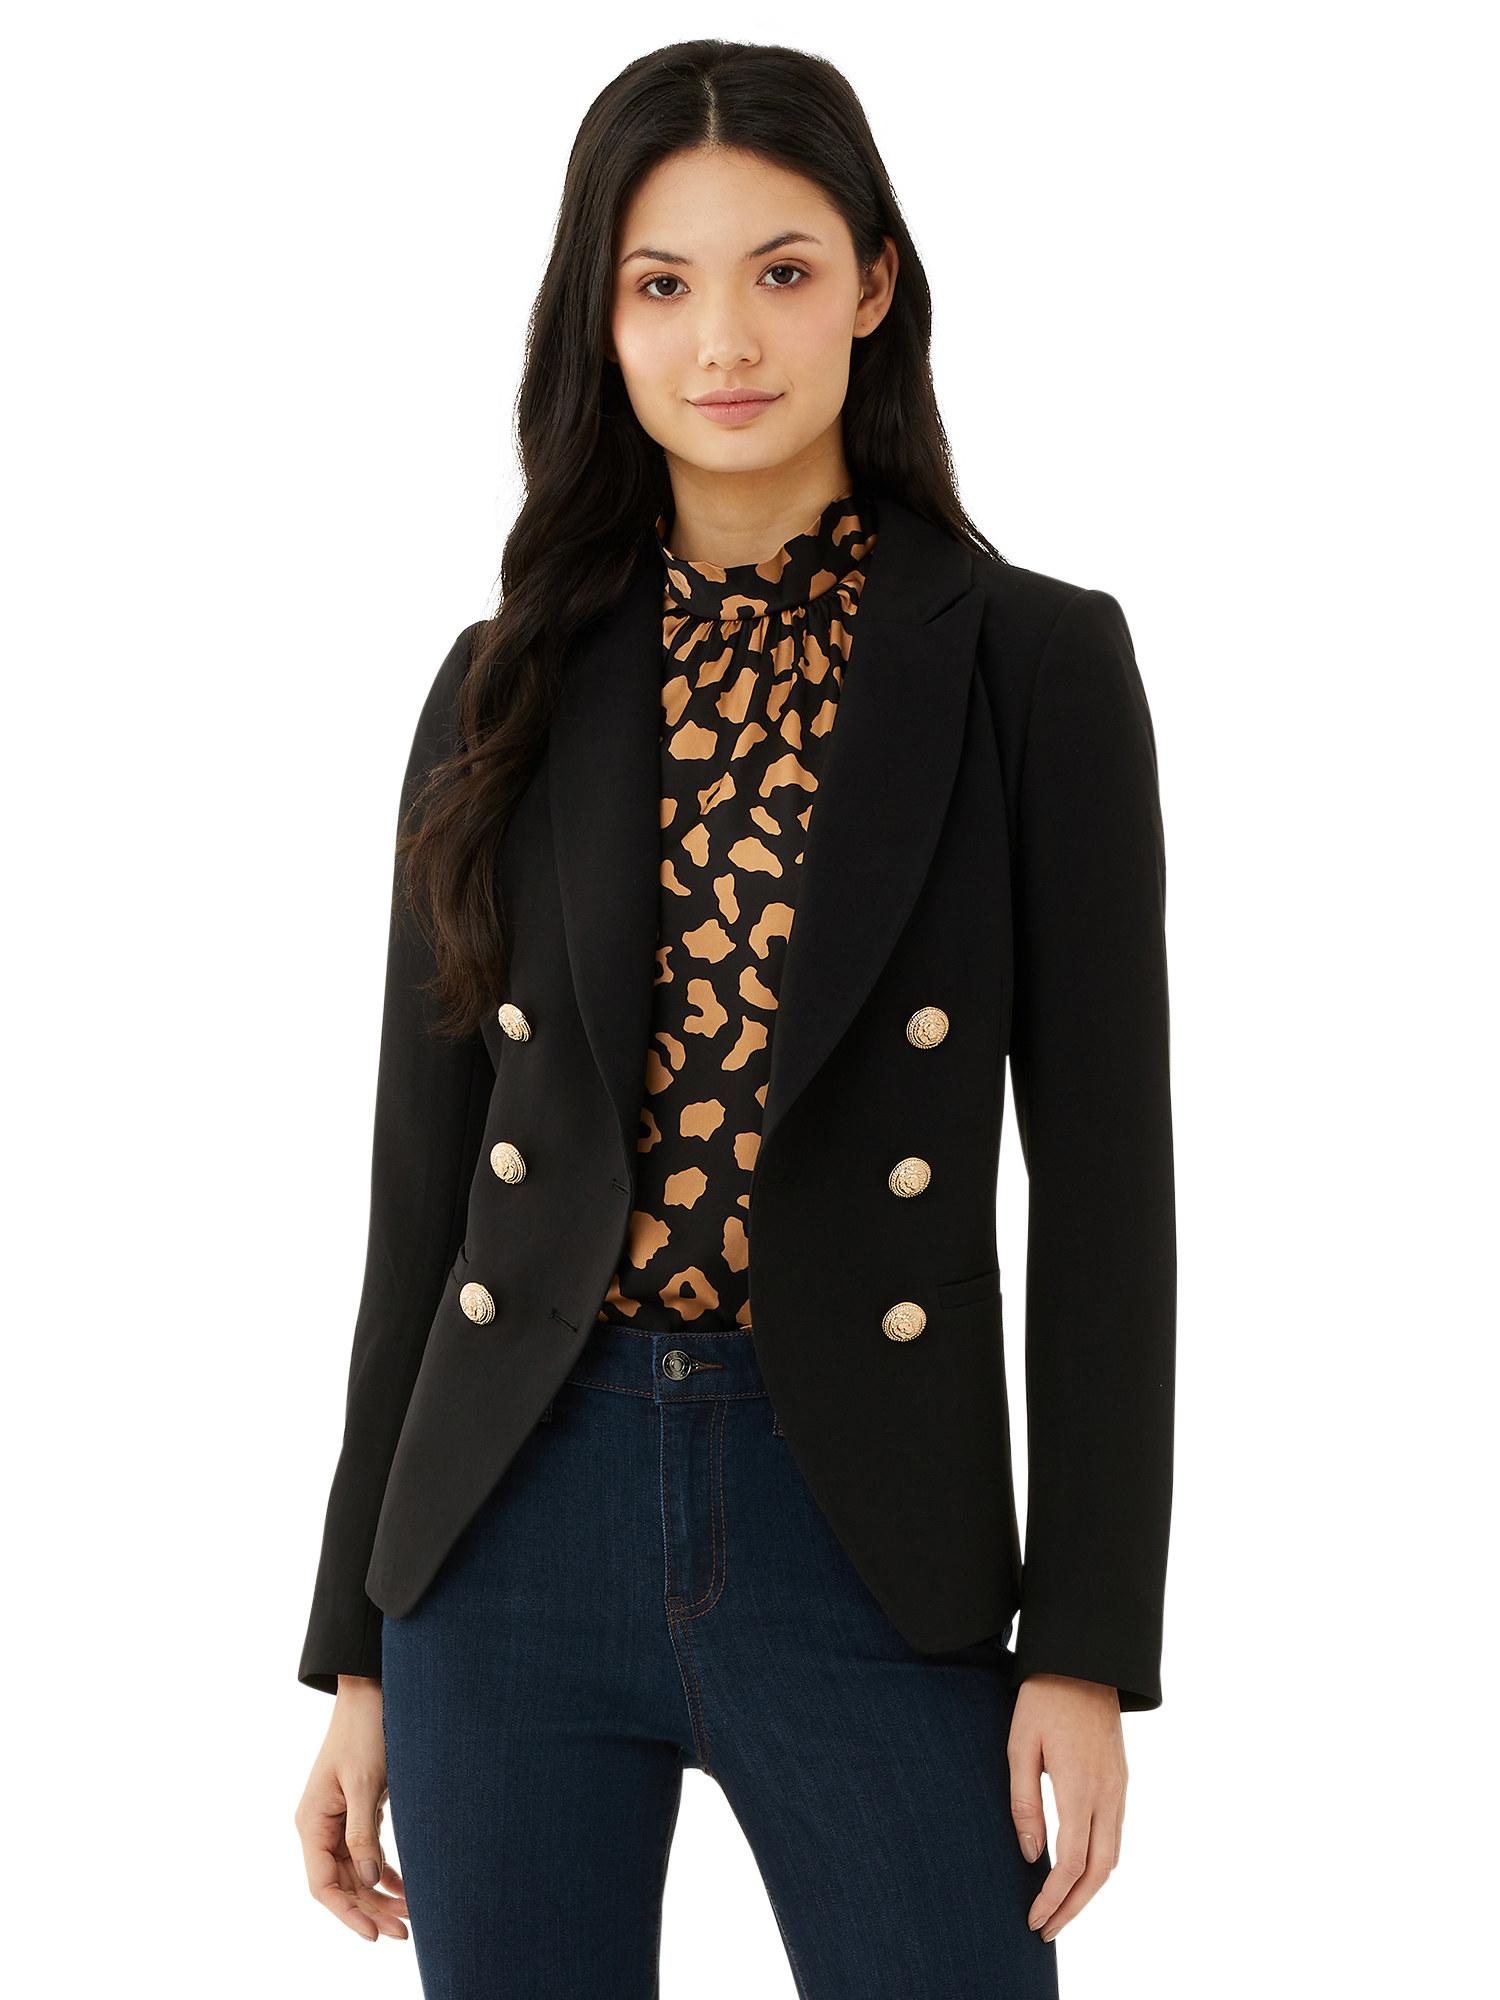 Model wearing a black blazer